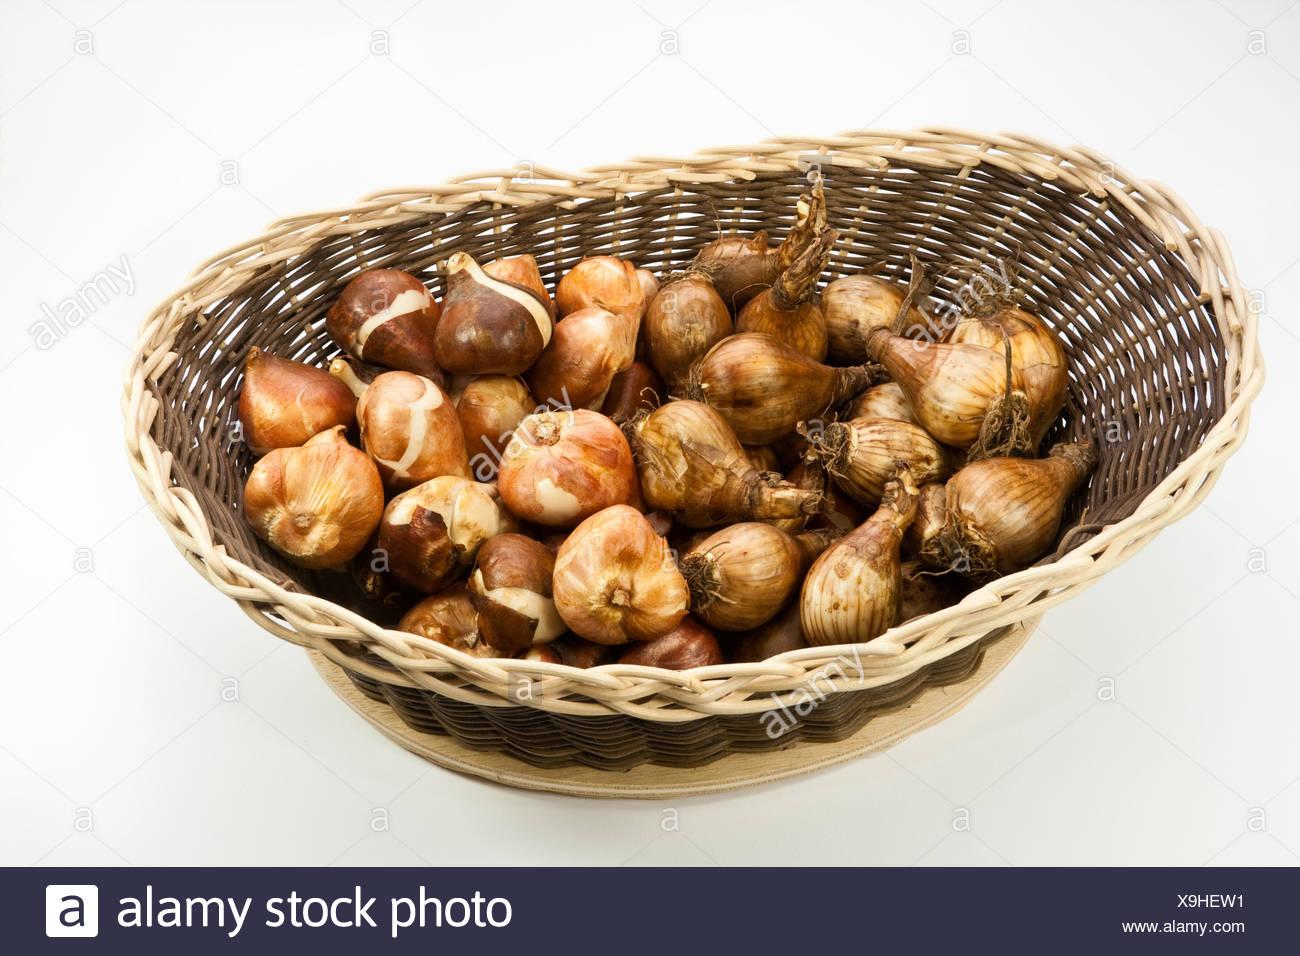 flower bulbs Stock Photo